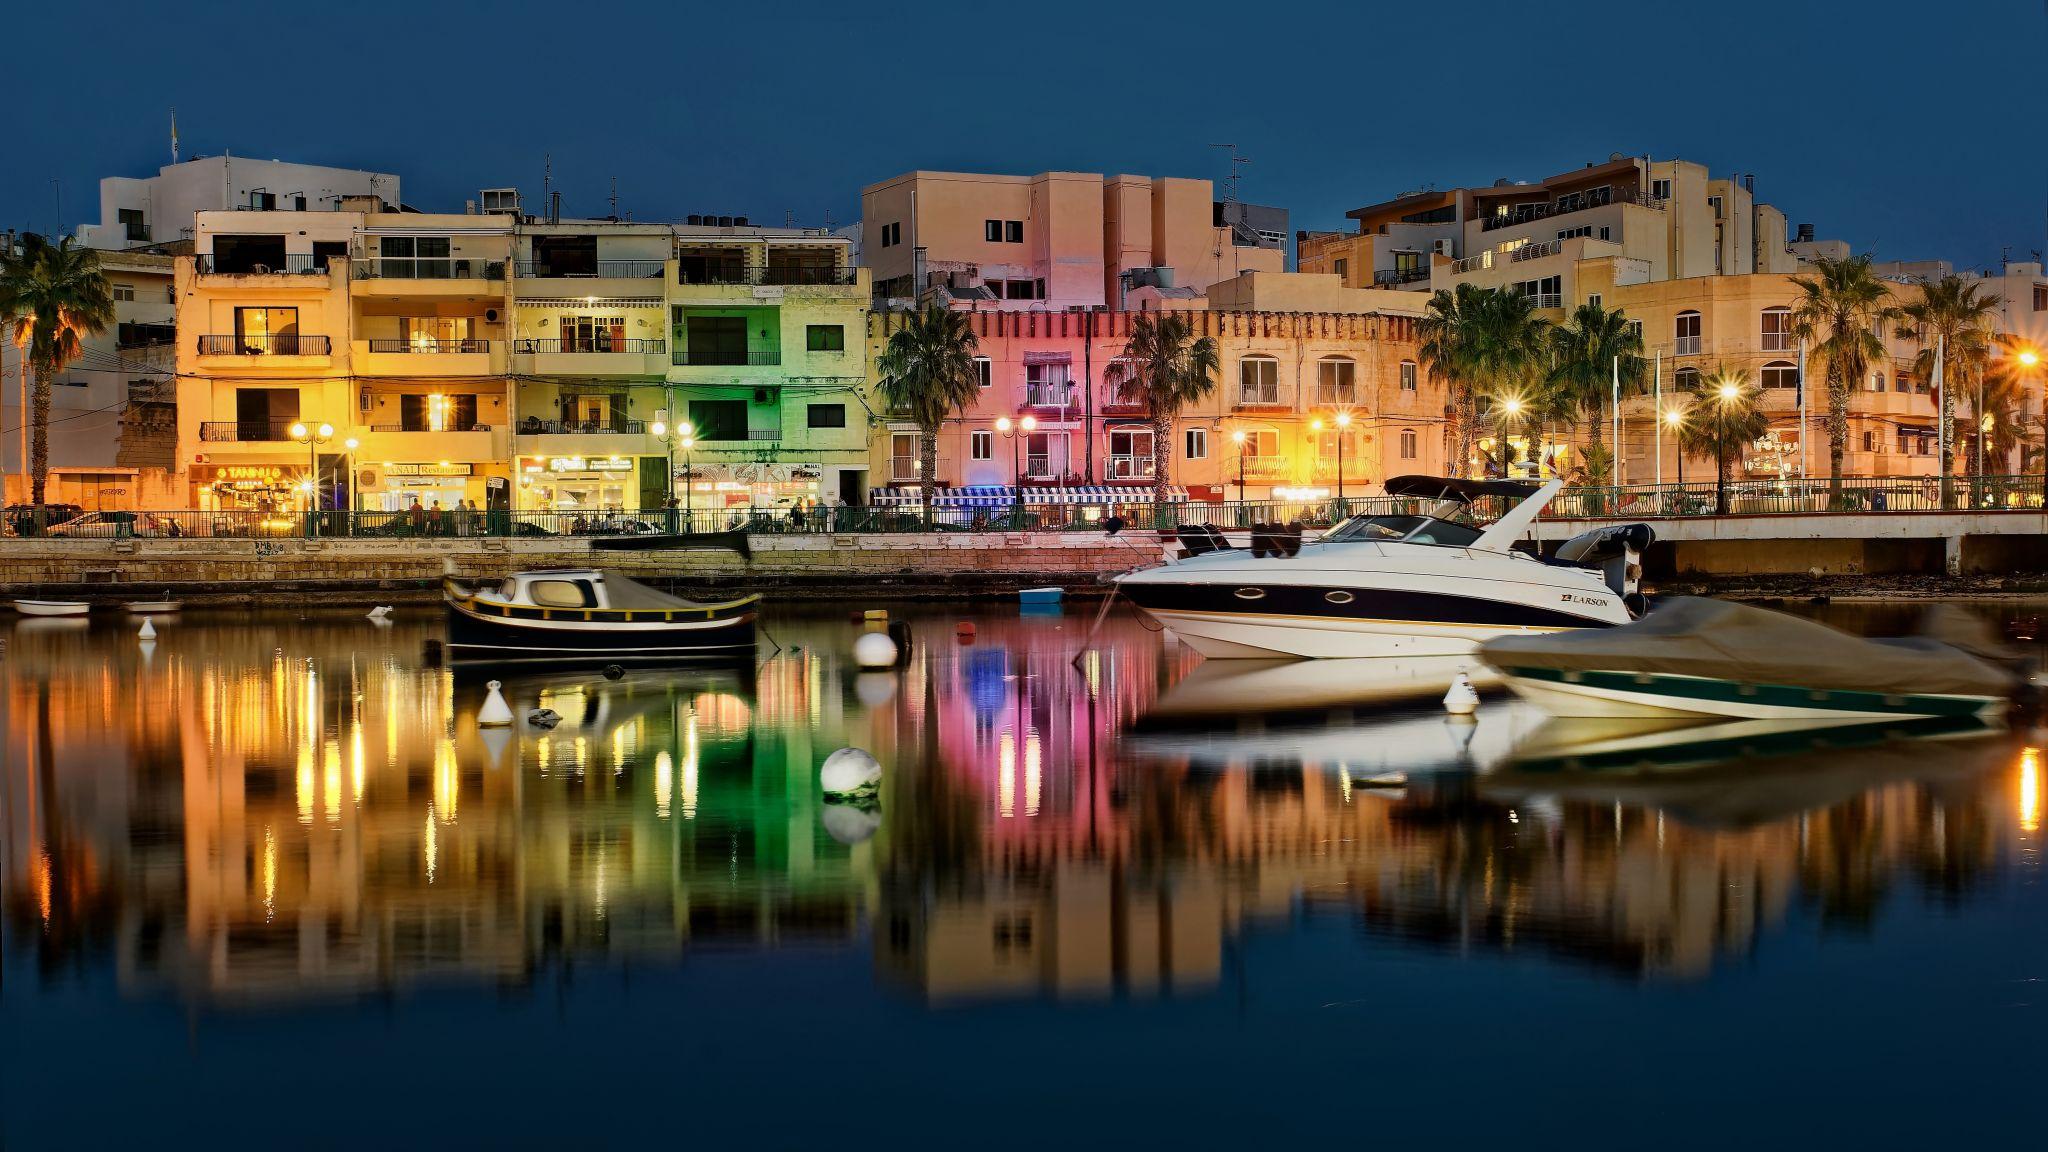 Seafront Marsaskala, Malta